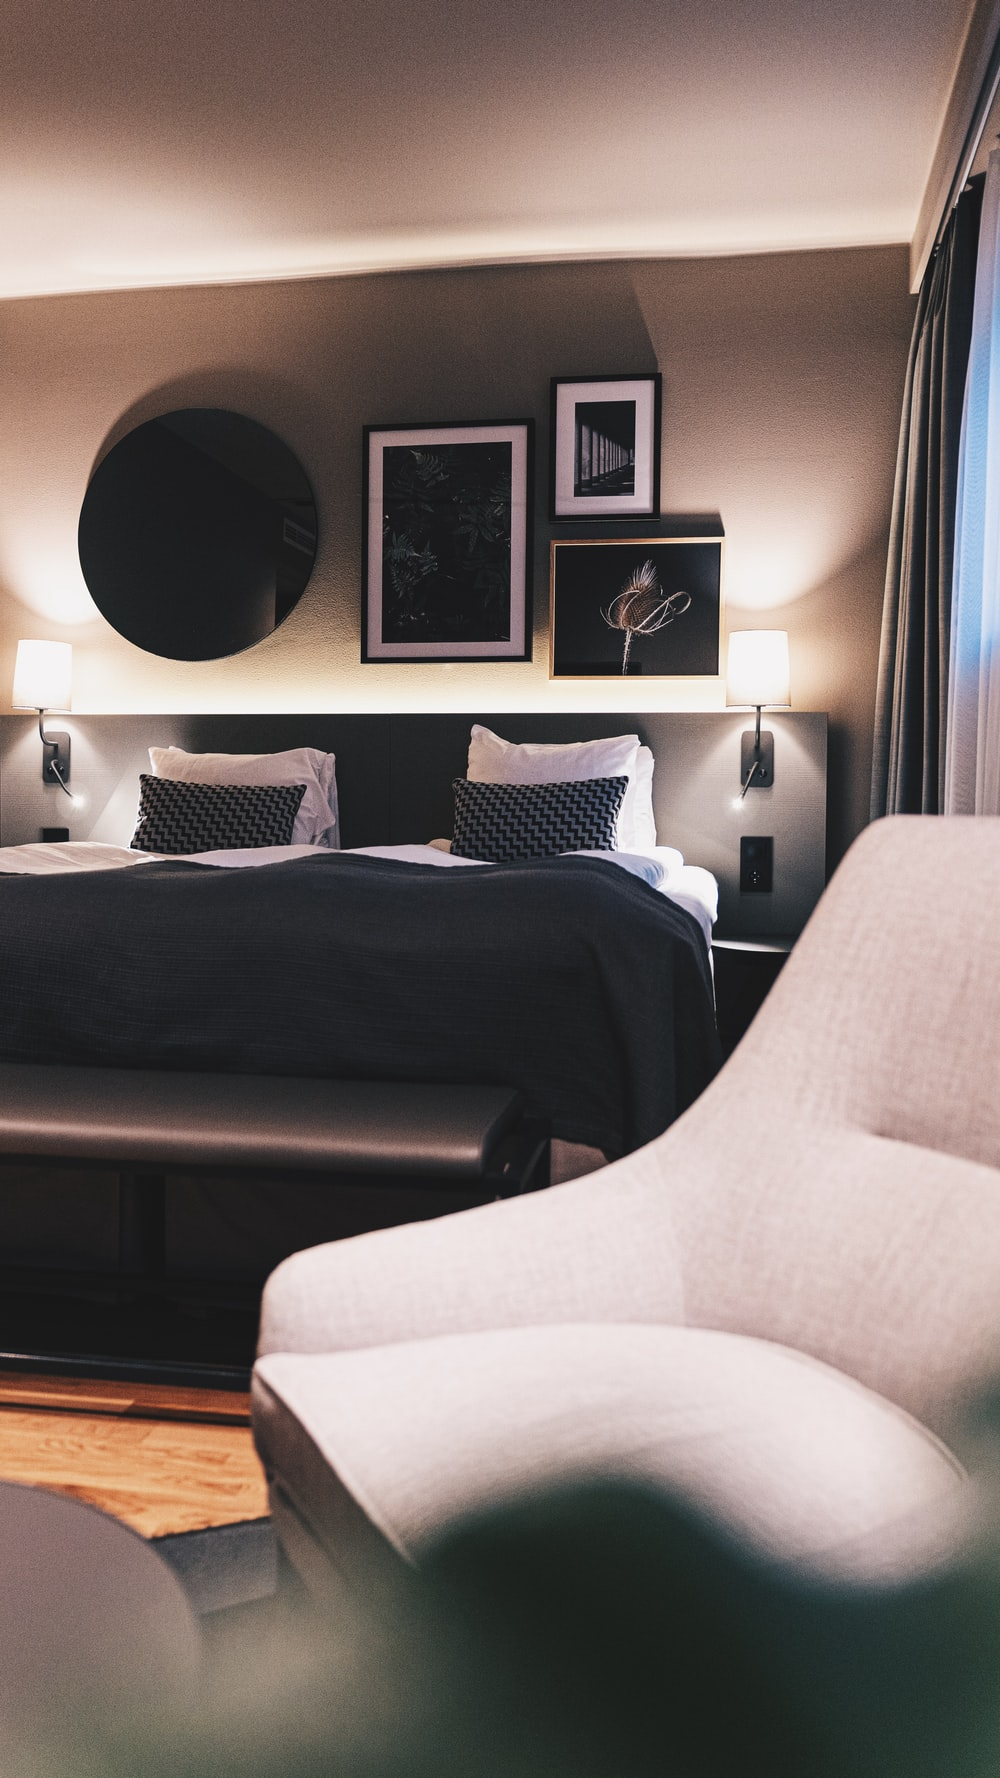 white sofa chair beside black sofa